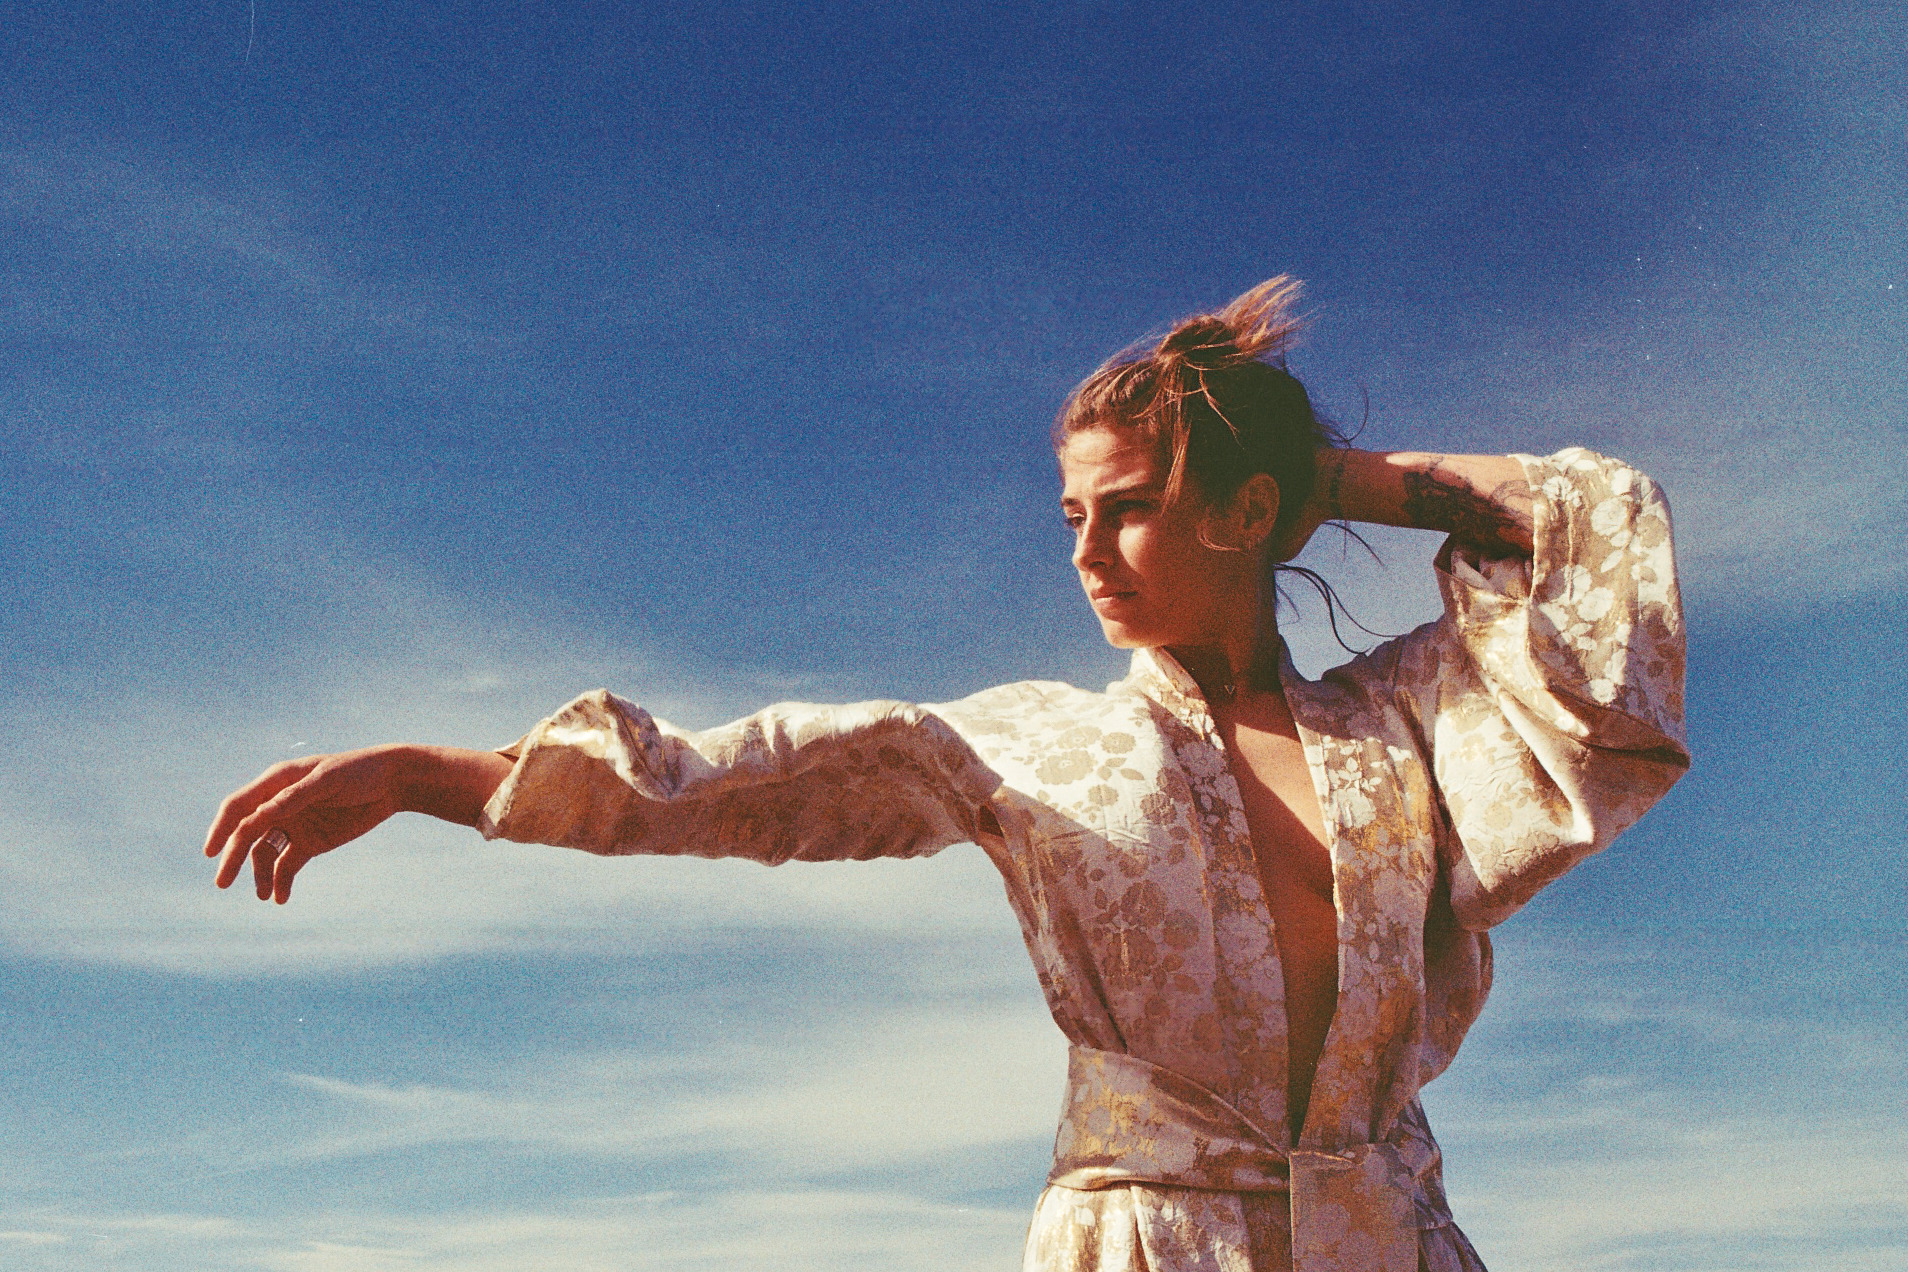 Kimono traditionnel réversible en soie. Pièce unique artisanale réalisée à Biarritz.  Modèle: Sarah Bontemps Photographe: Maider Brouque @lafrangeintewind